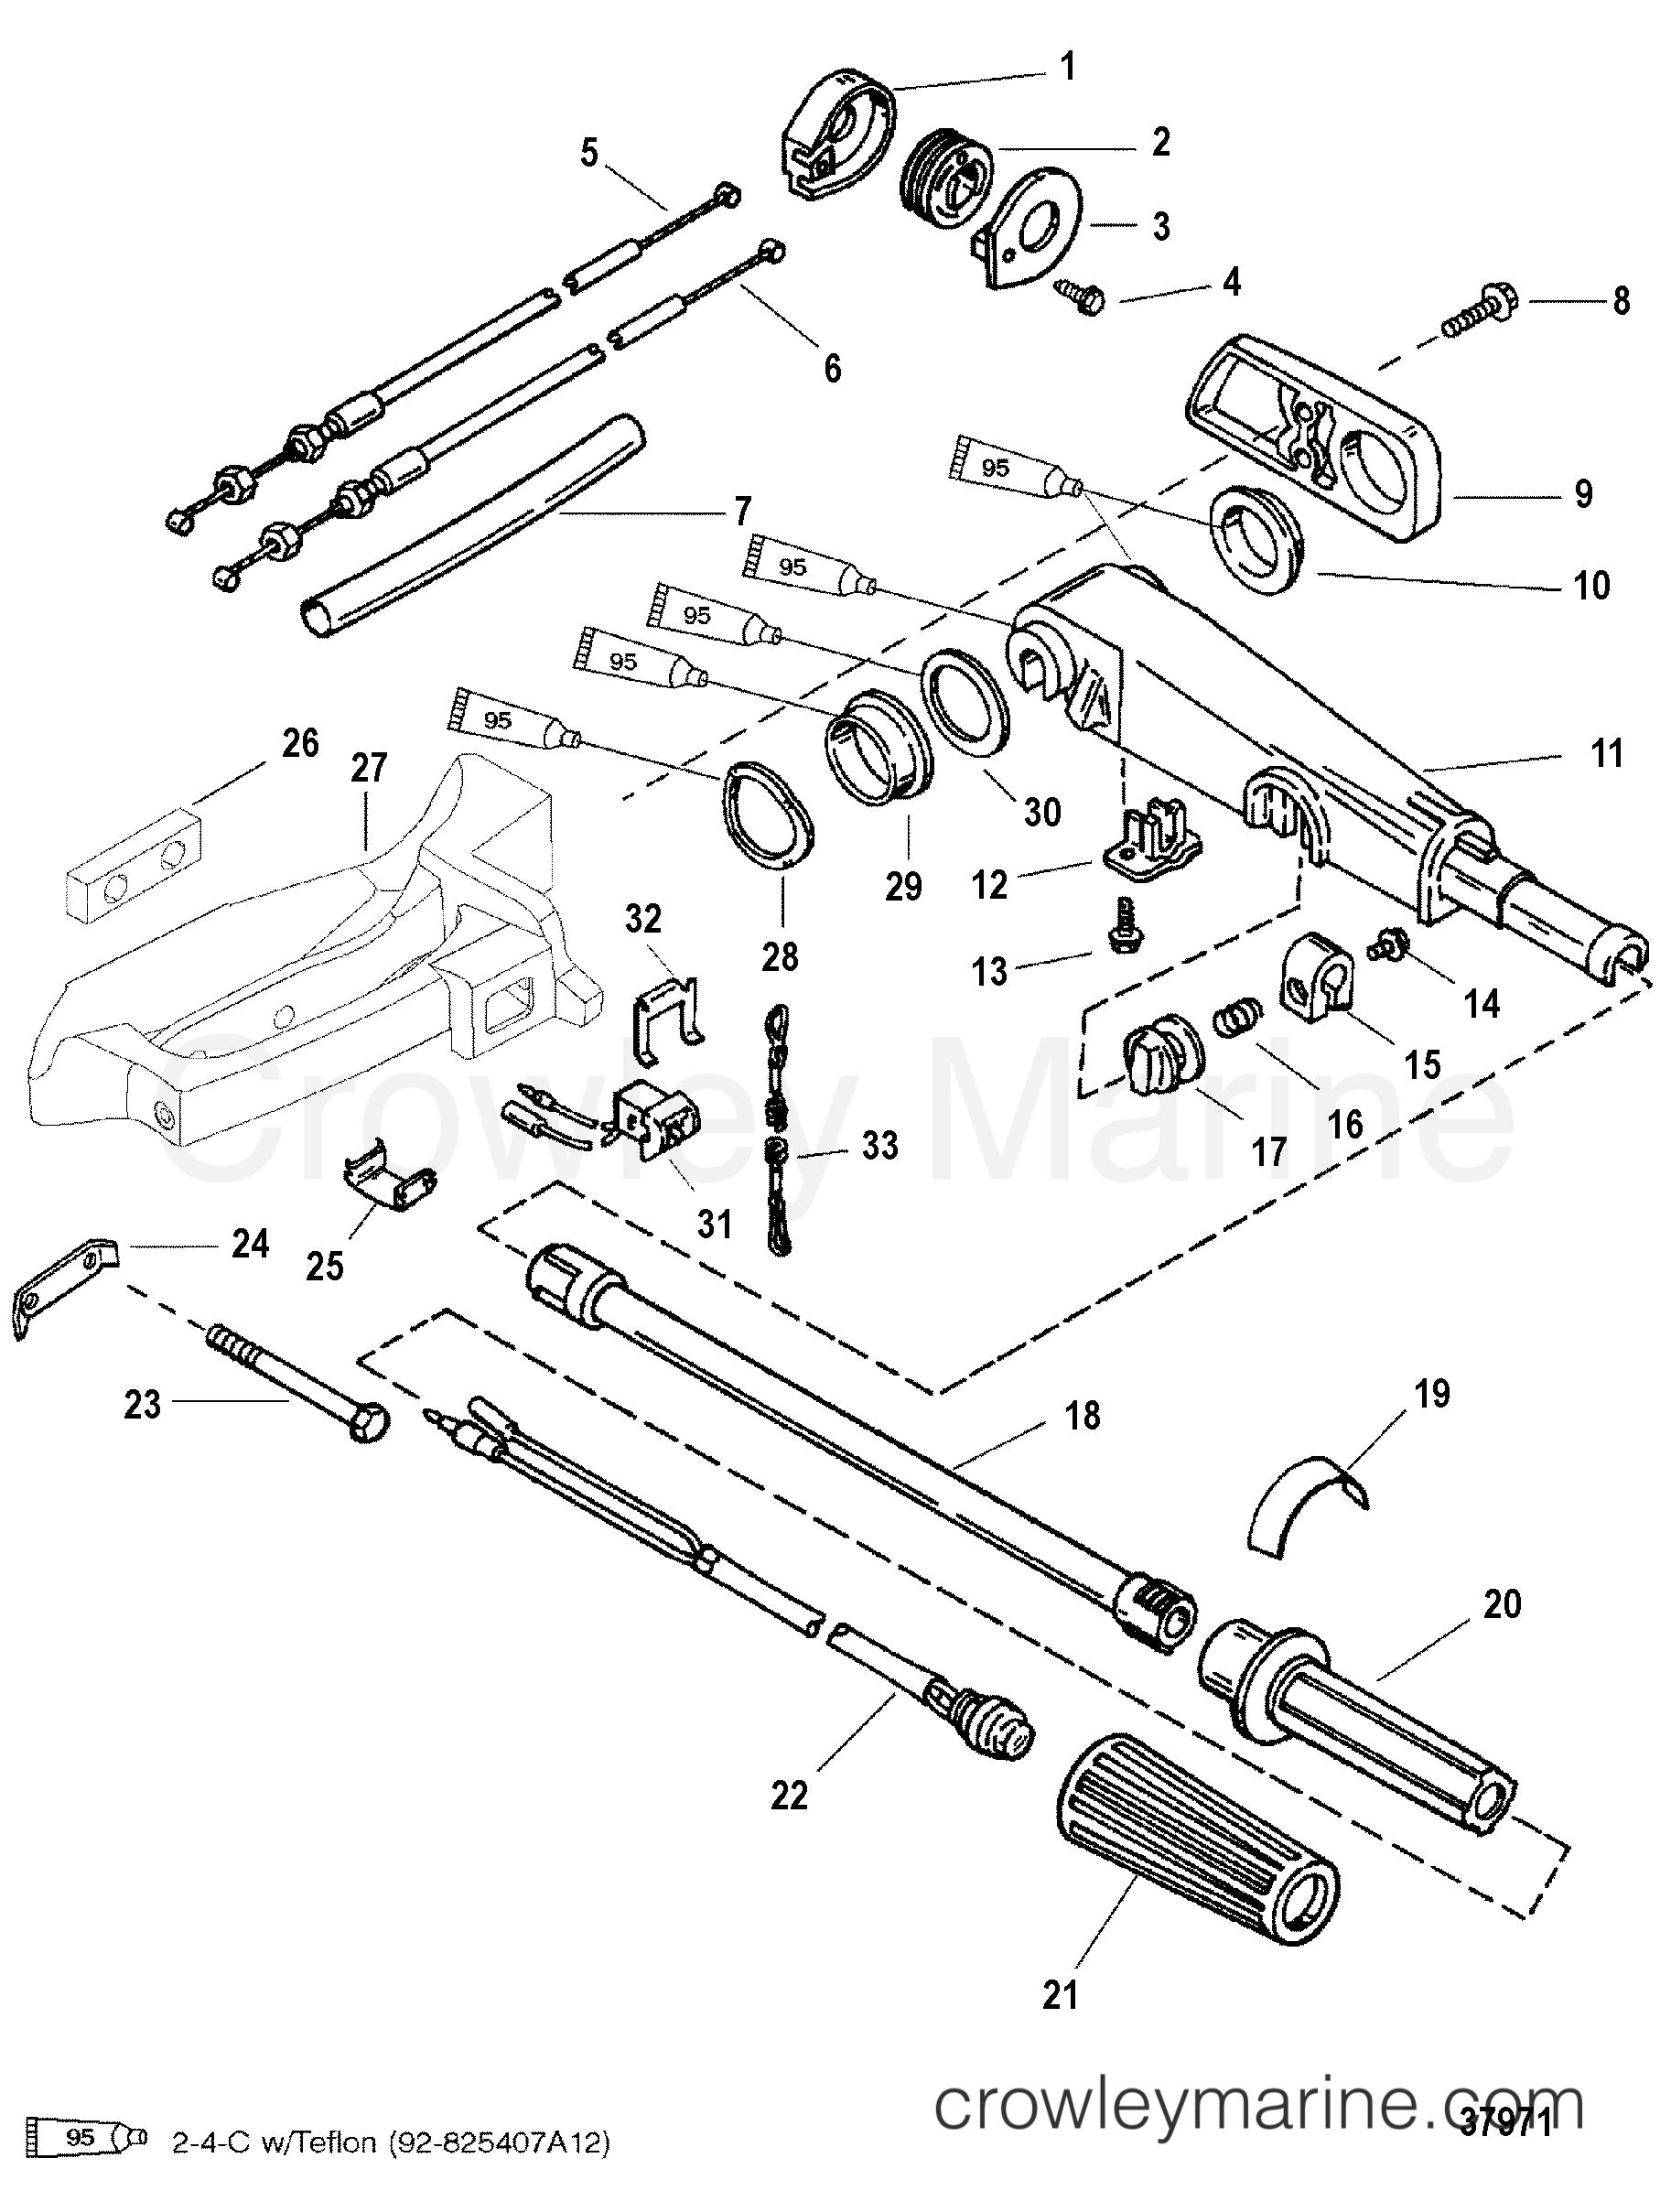 Tiller Handle Serial Range Mariner Outboard 30 Jet 3 Cyl Engine Diagram 9973100 Thru 0p016999